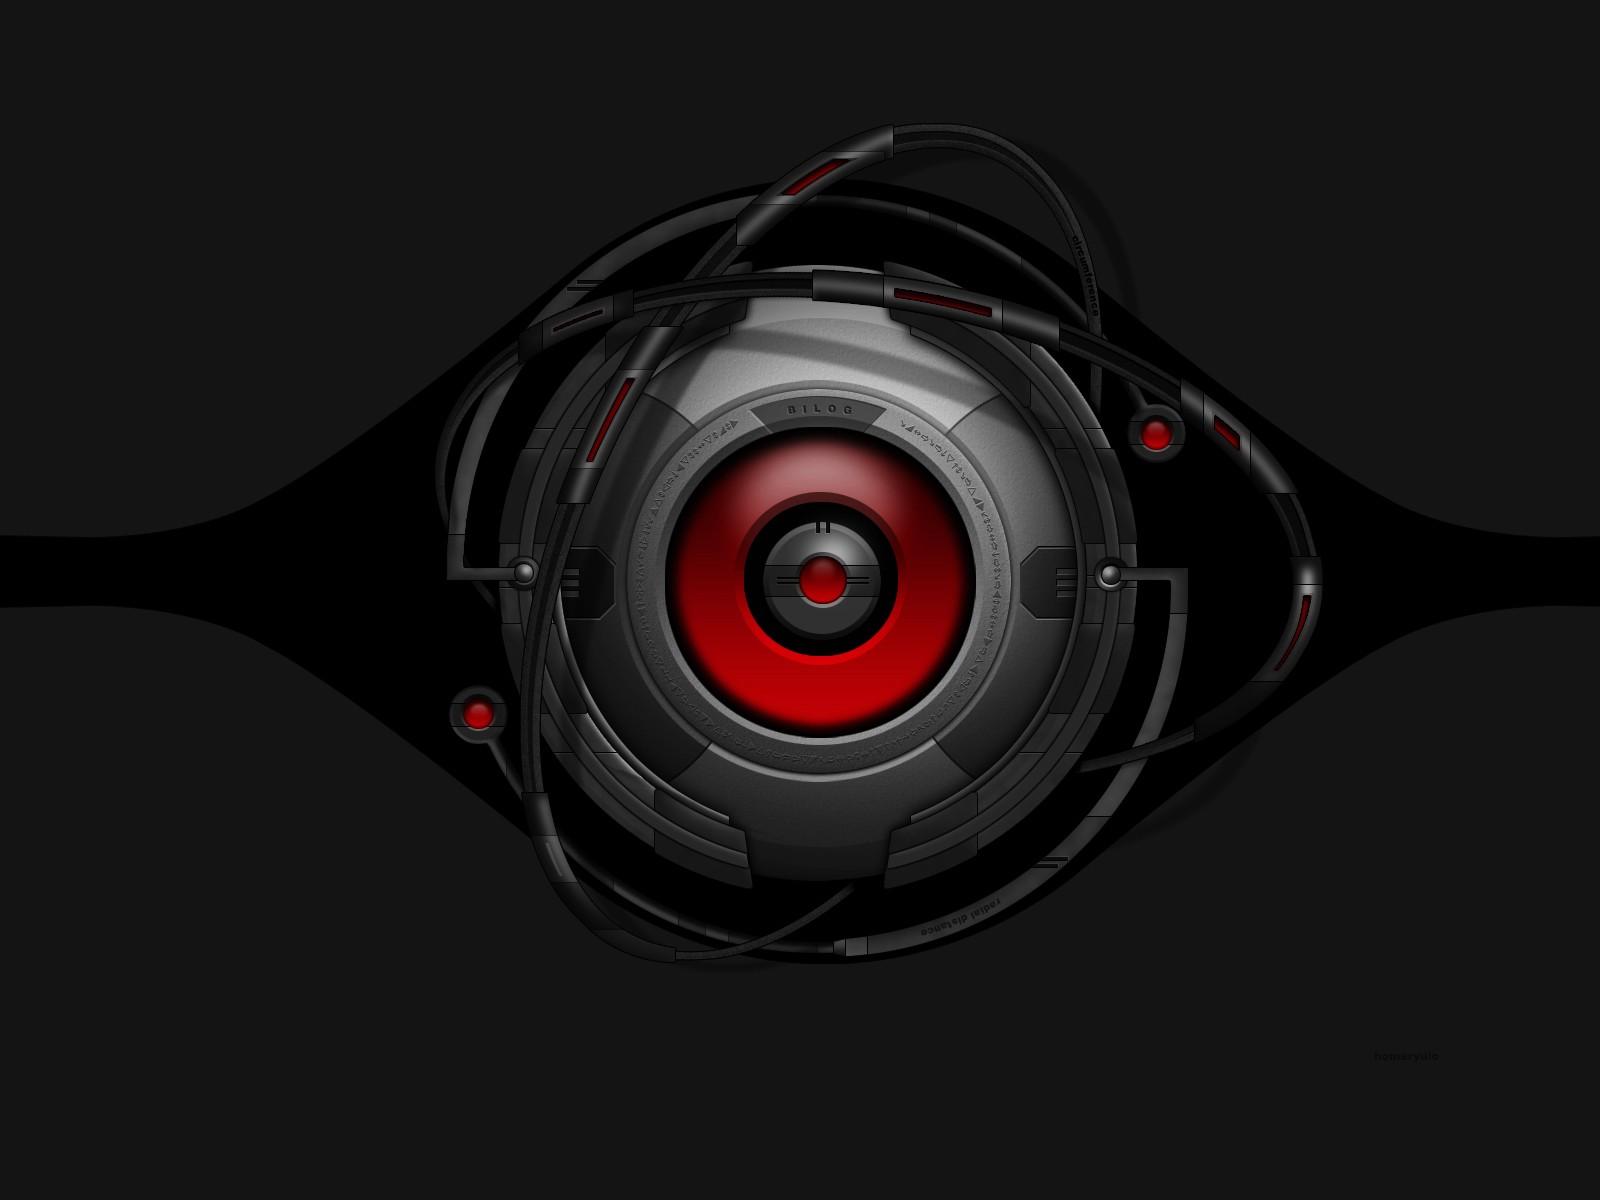 Tema xp alienware perfect mod instalación rápida tema en negro